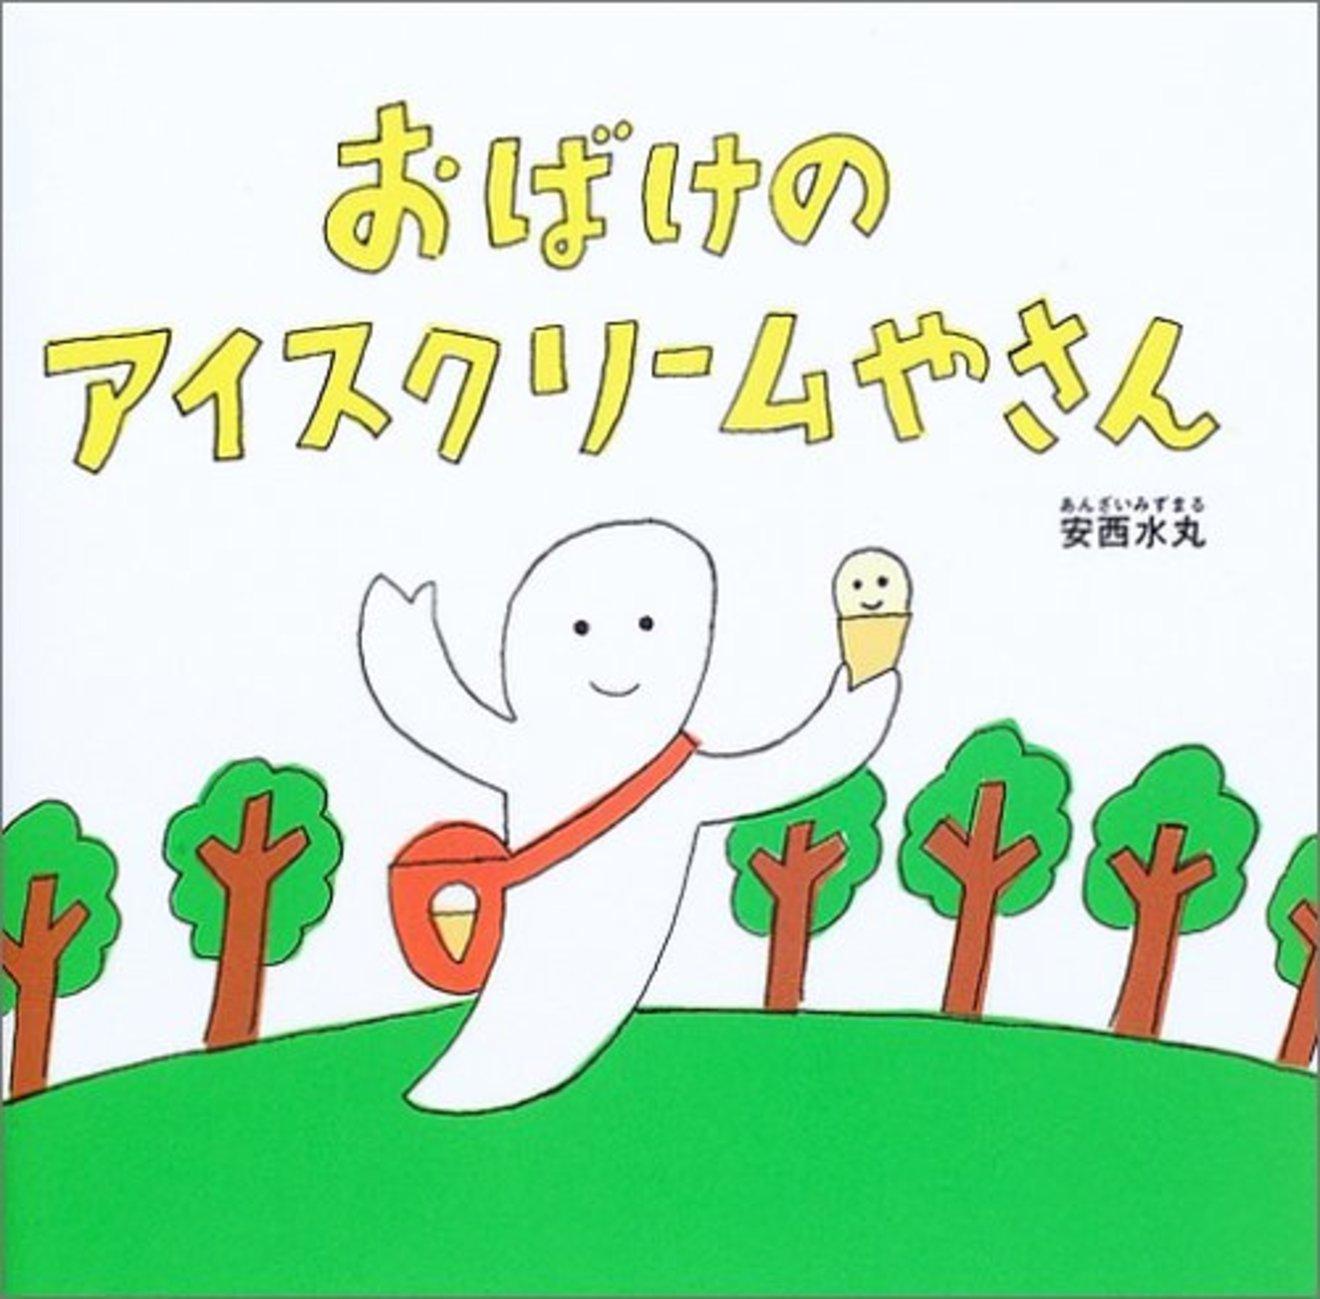 安西水丸のおすすめ絵本5選!村上春樹小説の表紙で有名